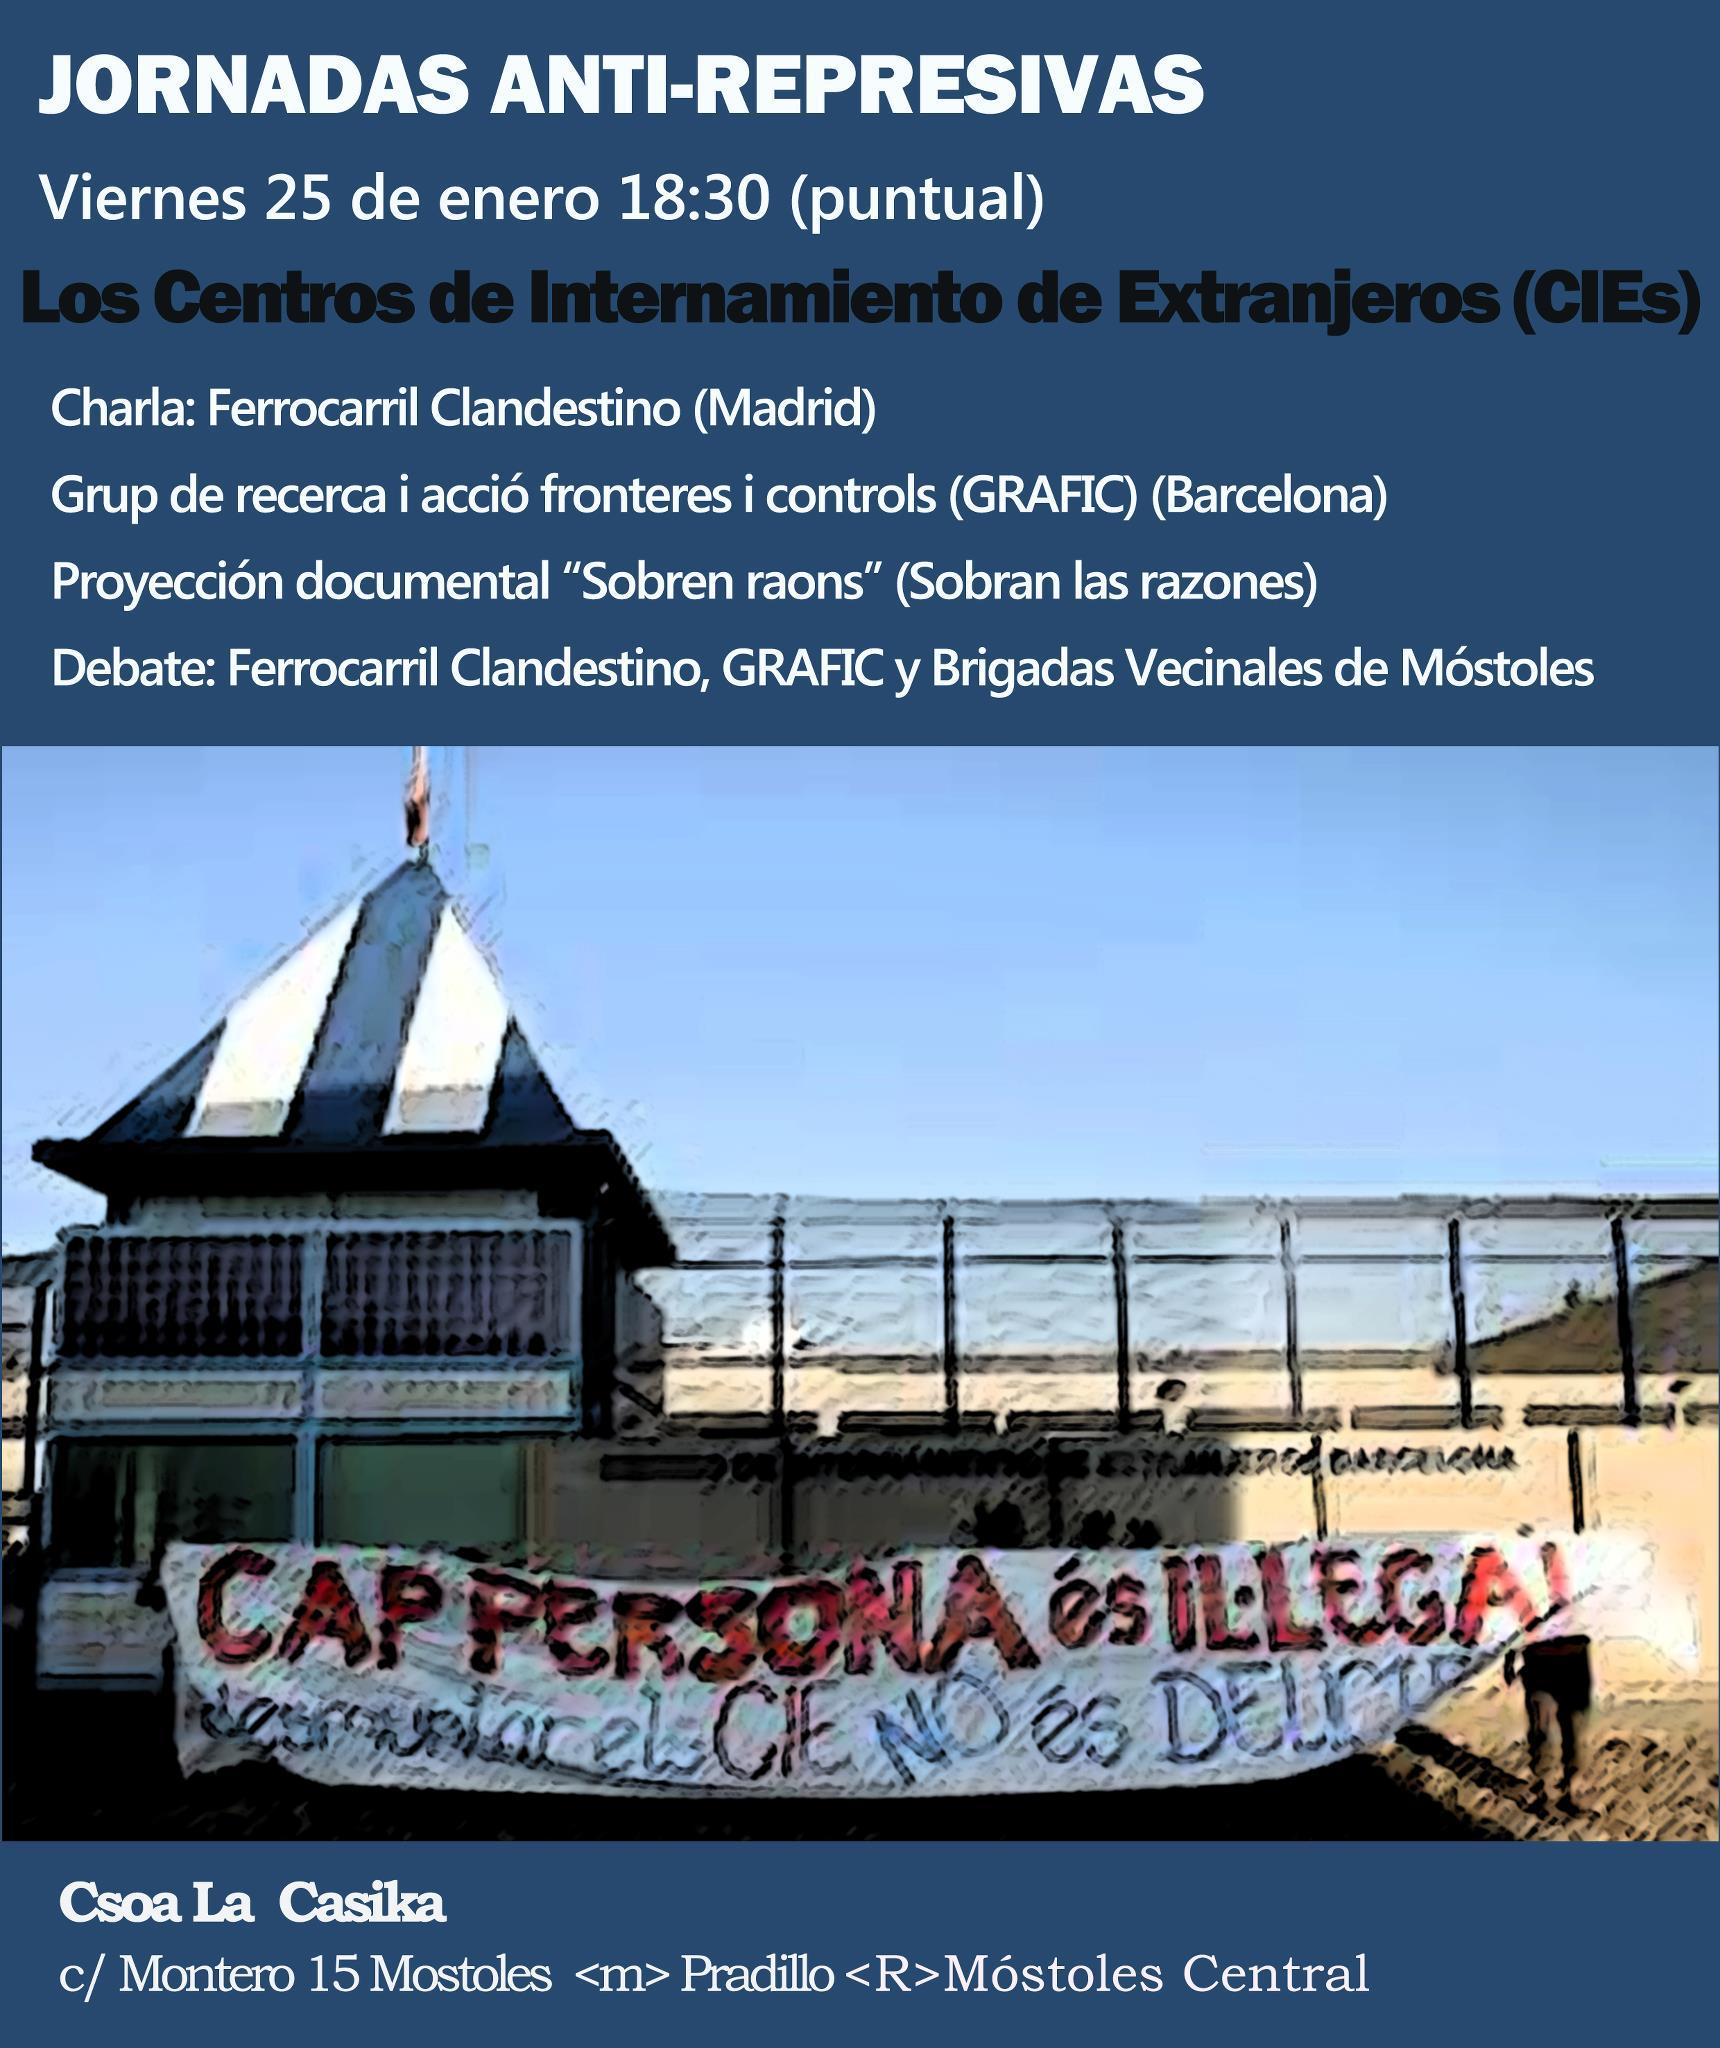 cartel Jornada Anti-Represivas: Los centros de internamiento de extranjeros CIEs - Viernes 25 enero en La Casika